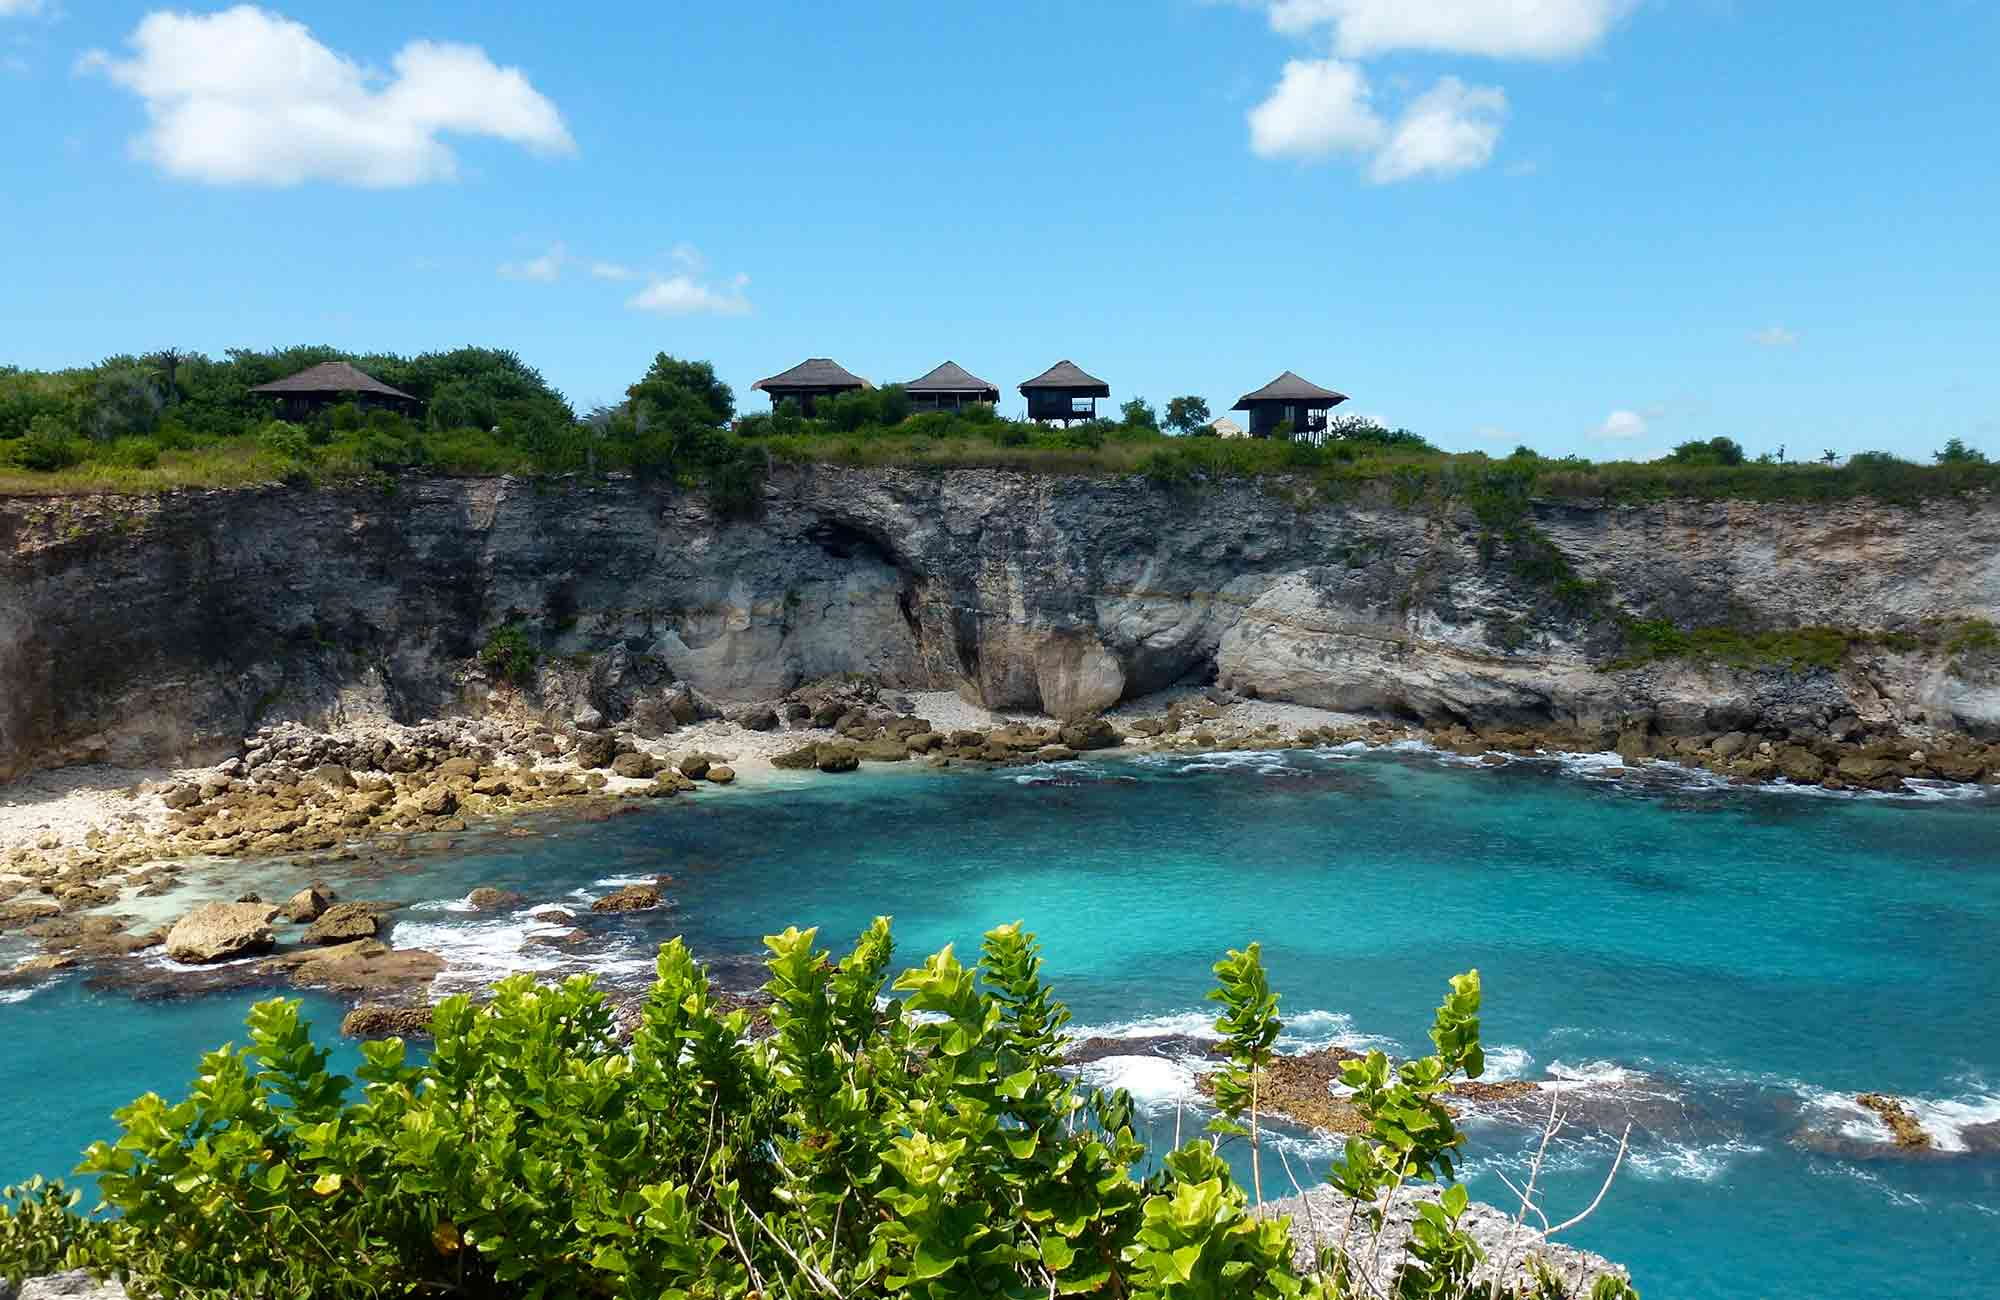 Voyage Indonésie - Nusa Lembogan Bali - Amplitudes